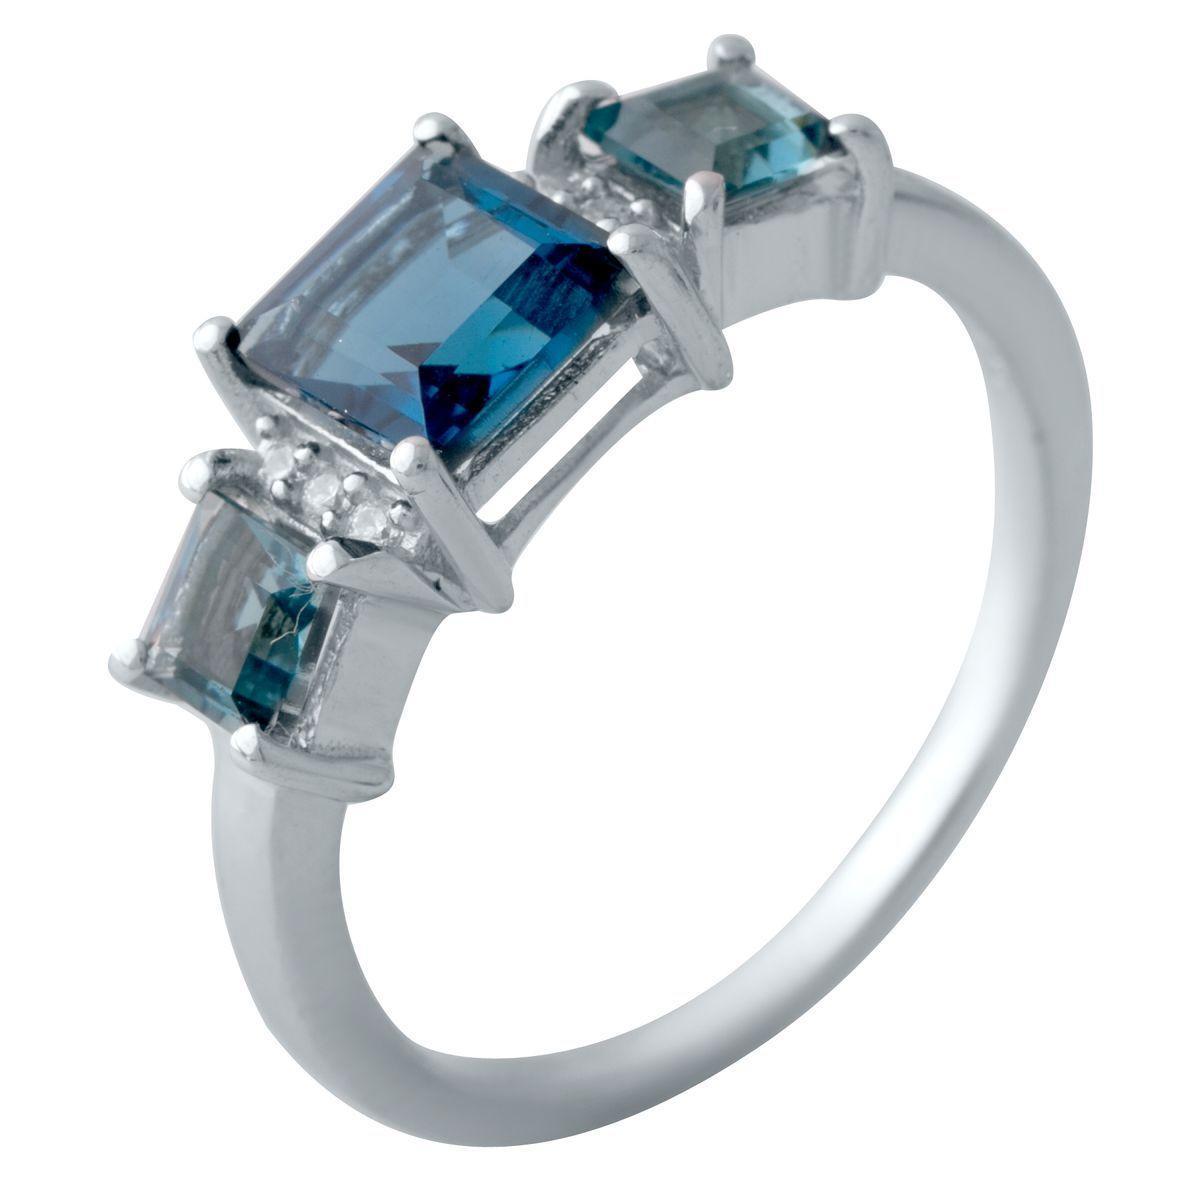 Серебряное кольцо DreamJewelry с натуральным топазом Лондон Блю (2019947) 18 размер